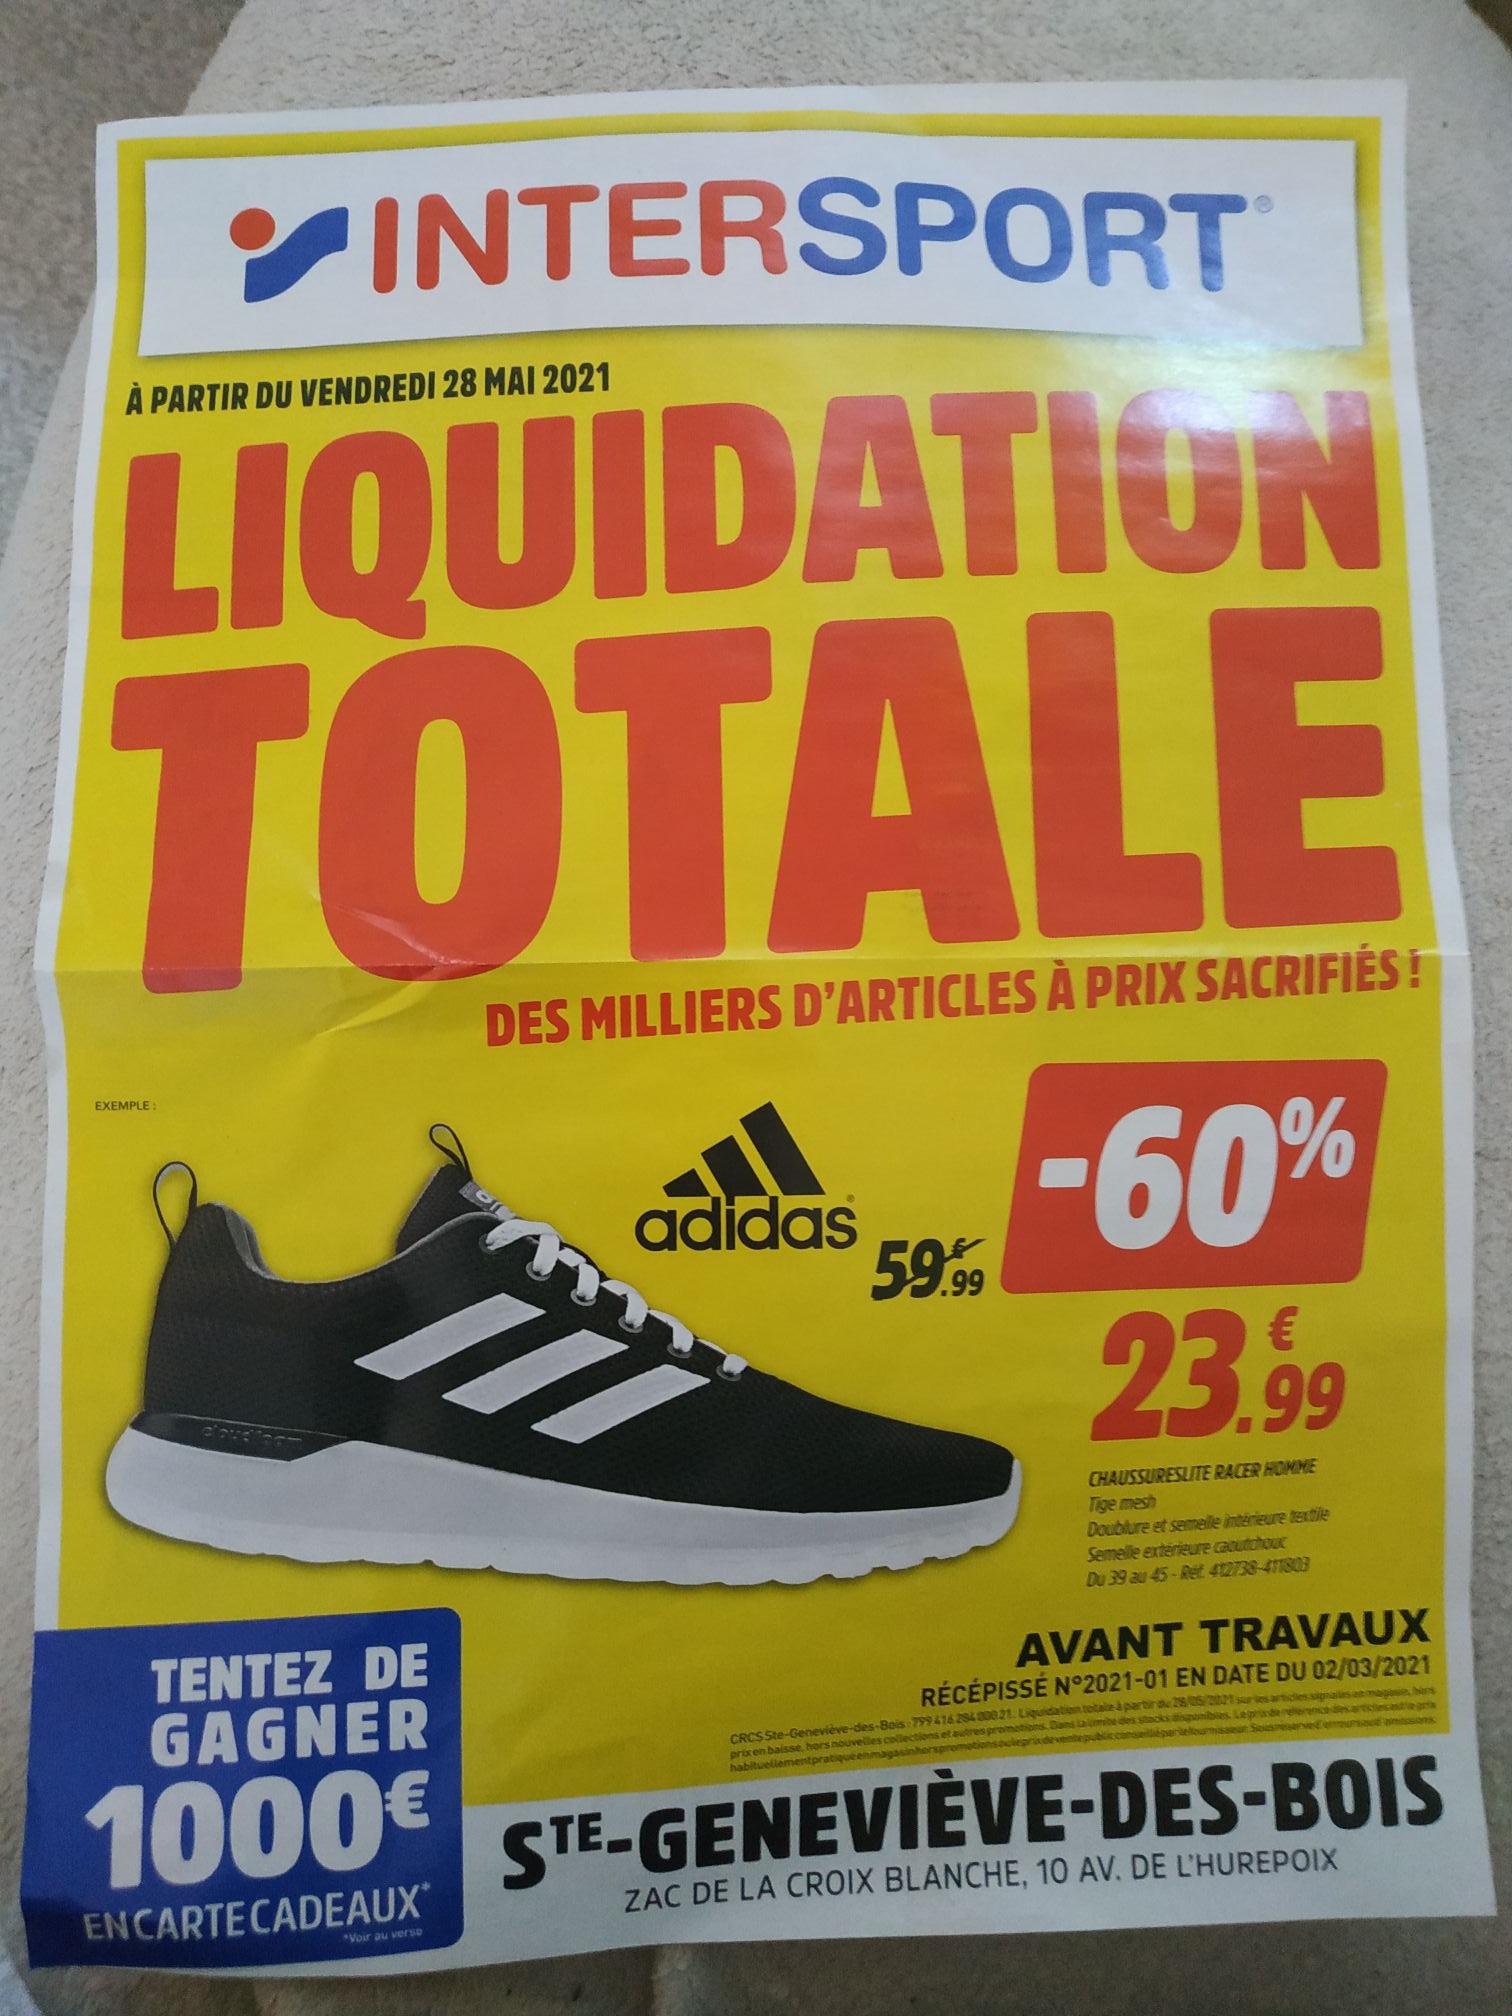 Chaussures Adidas Lite Racer pour Homme (Tailles 39 à 45) - Sainte Geneviève des Bois (91)